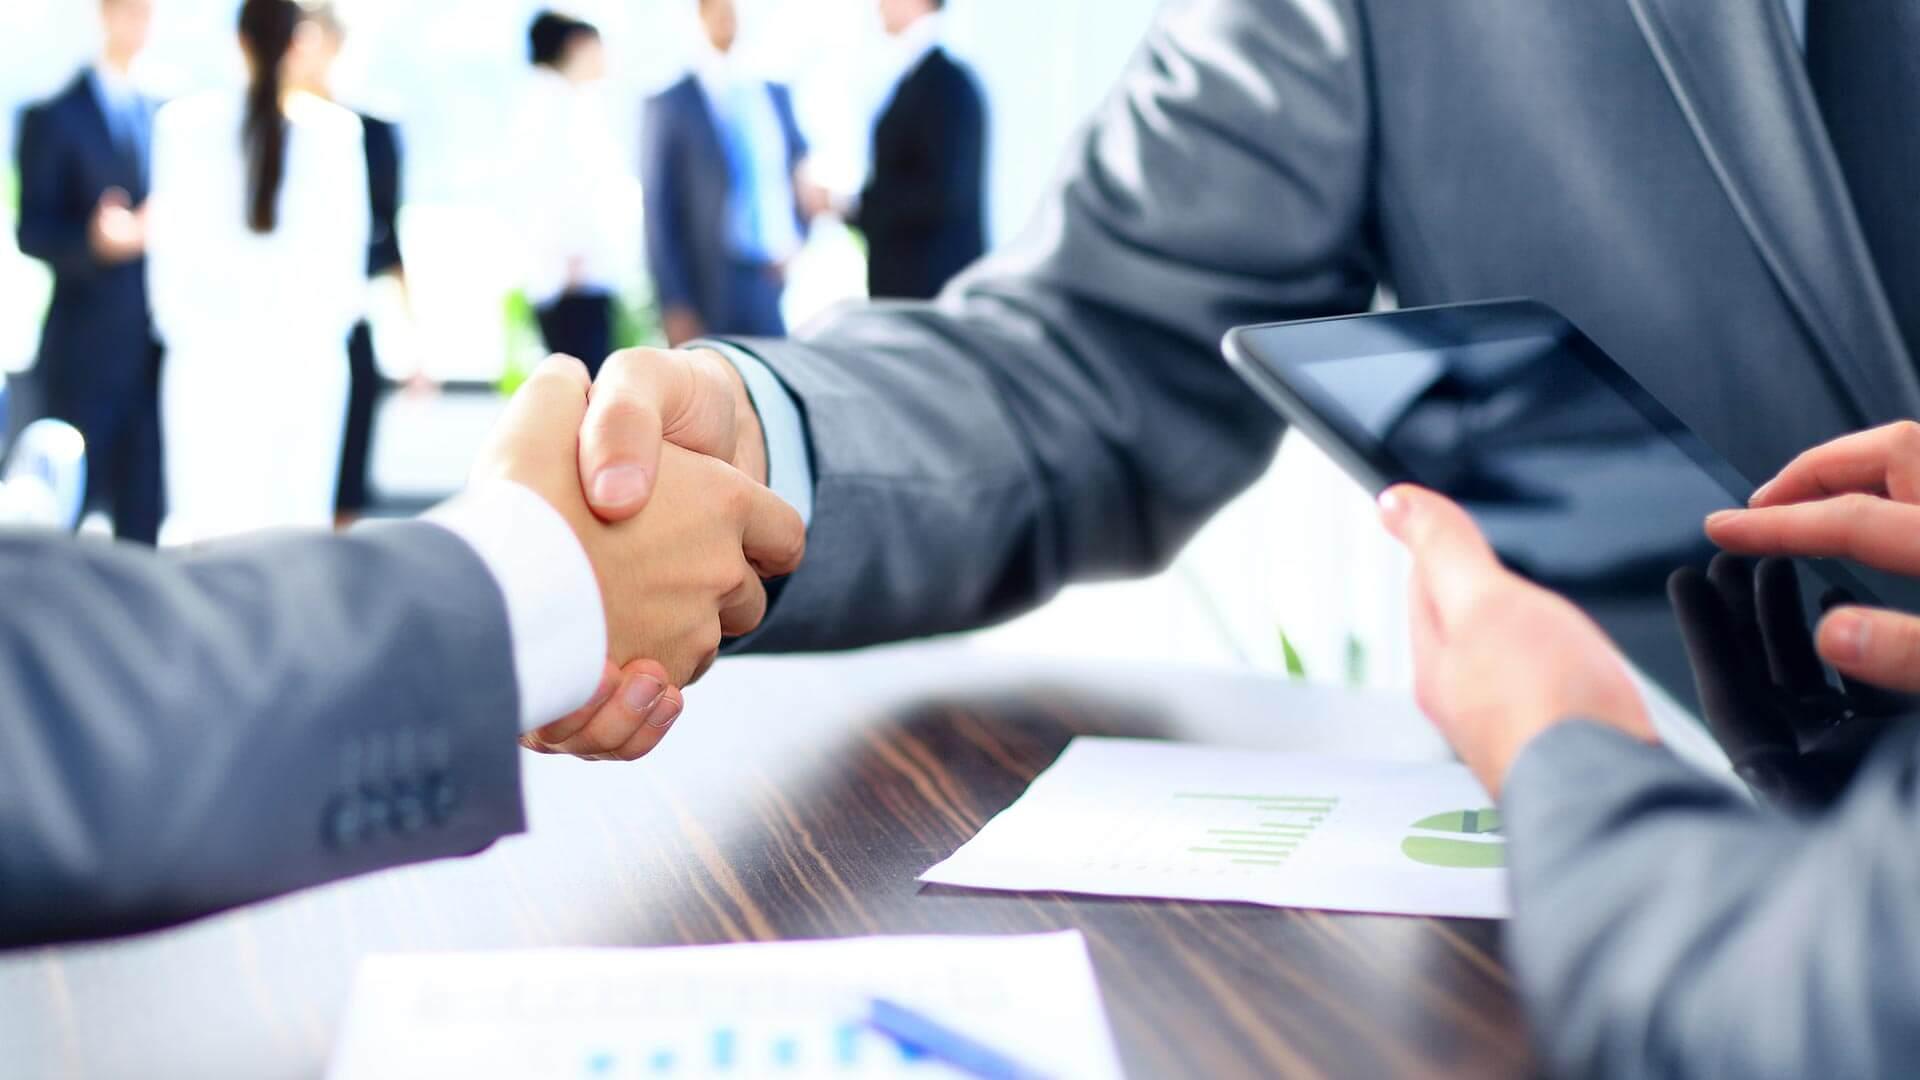 Checkliste Handelsvertretervertrag - Rechtsanwalt Dr. Mario Mittler in Wien